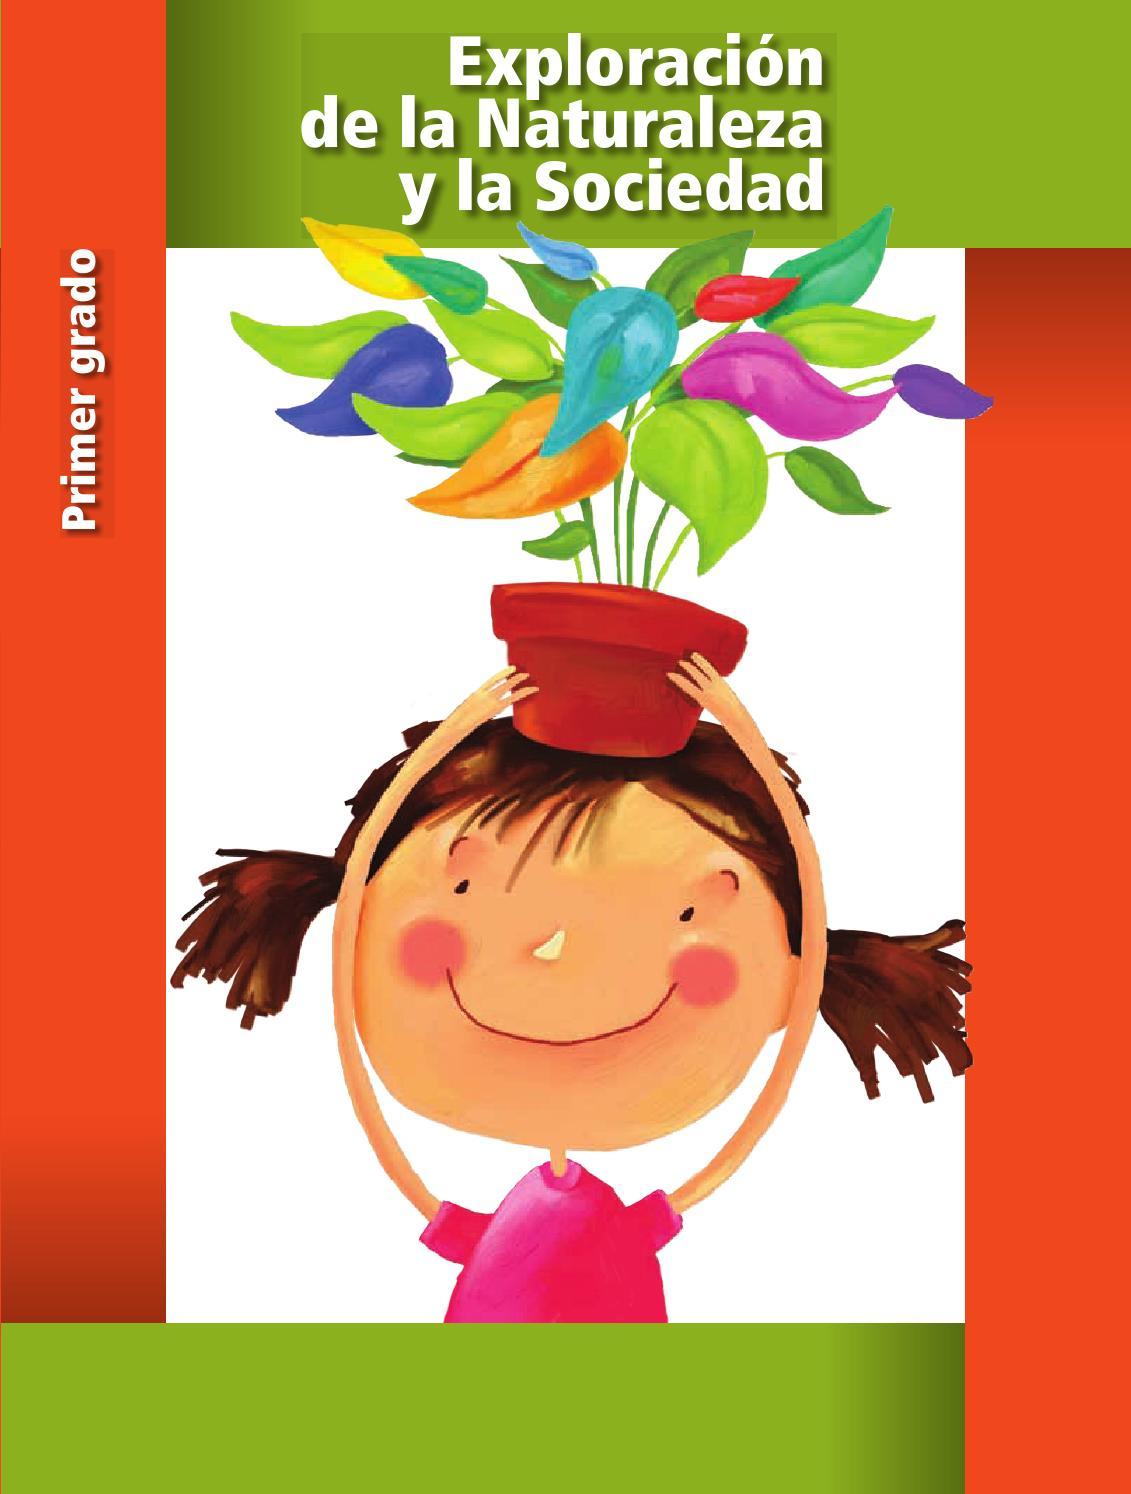 Exploraci n de la naturaleza y la sociedad 1er grado by for Villas tortuga celestino sinaloa